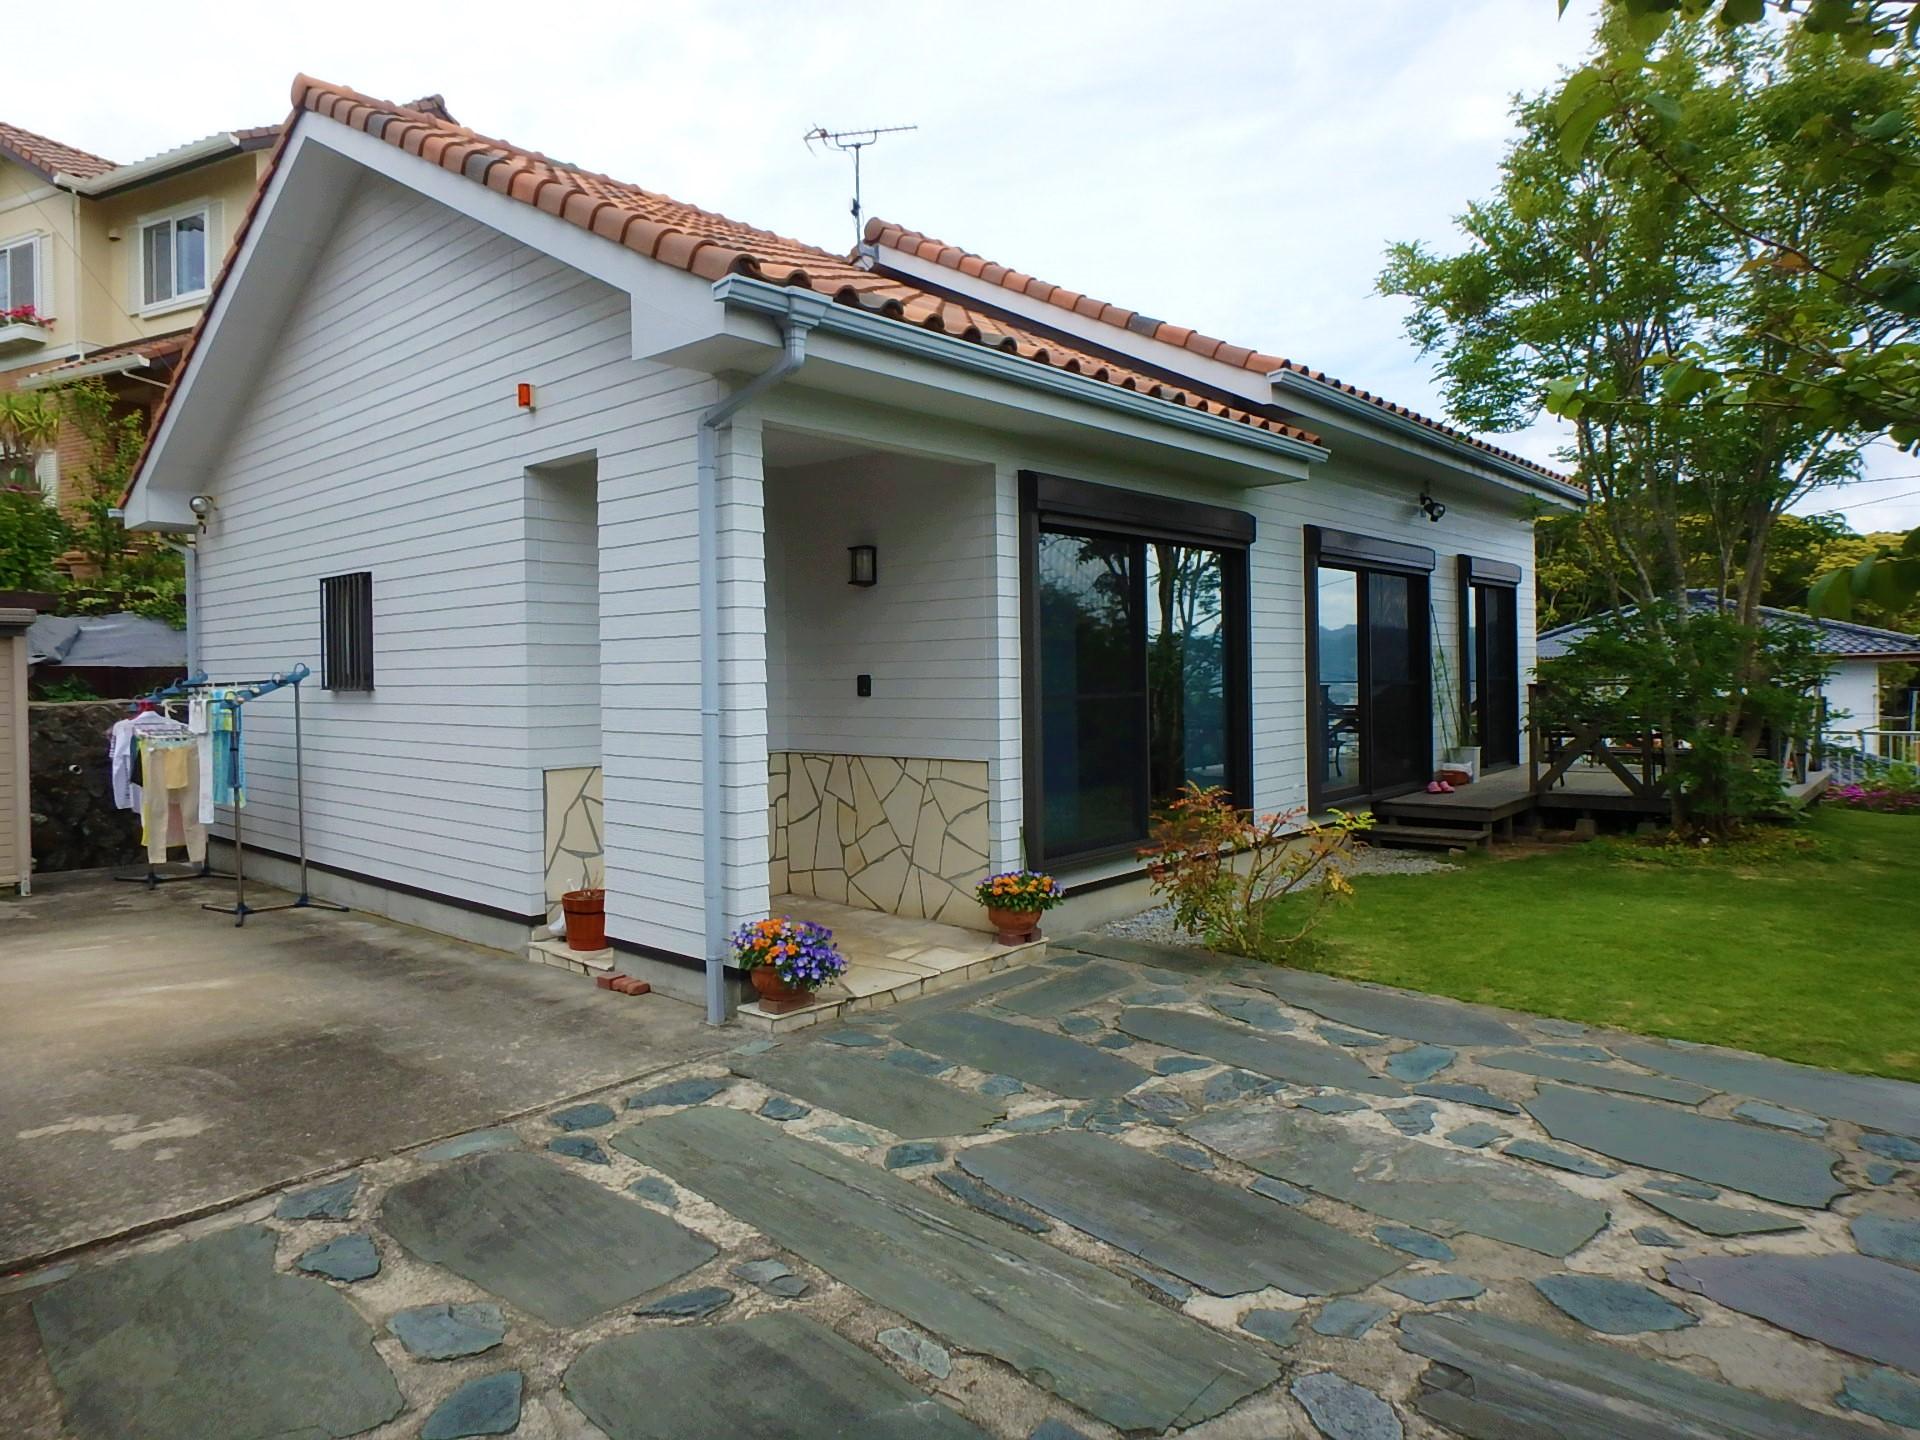 千葉県鴨川市の海が見える中古住宅 房総の戸建て、別荘